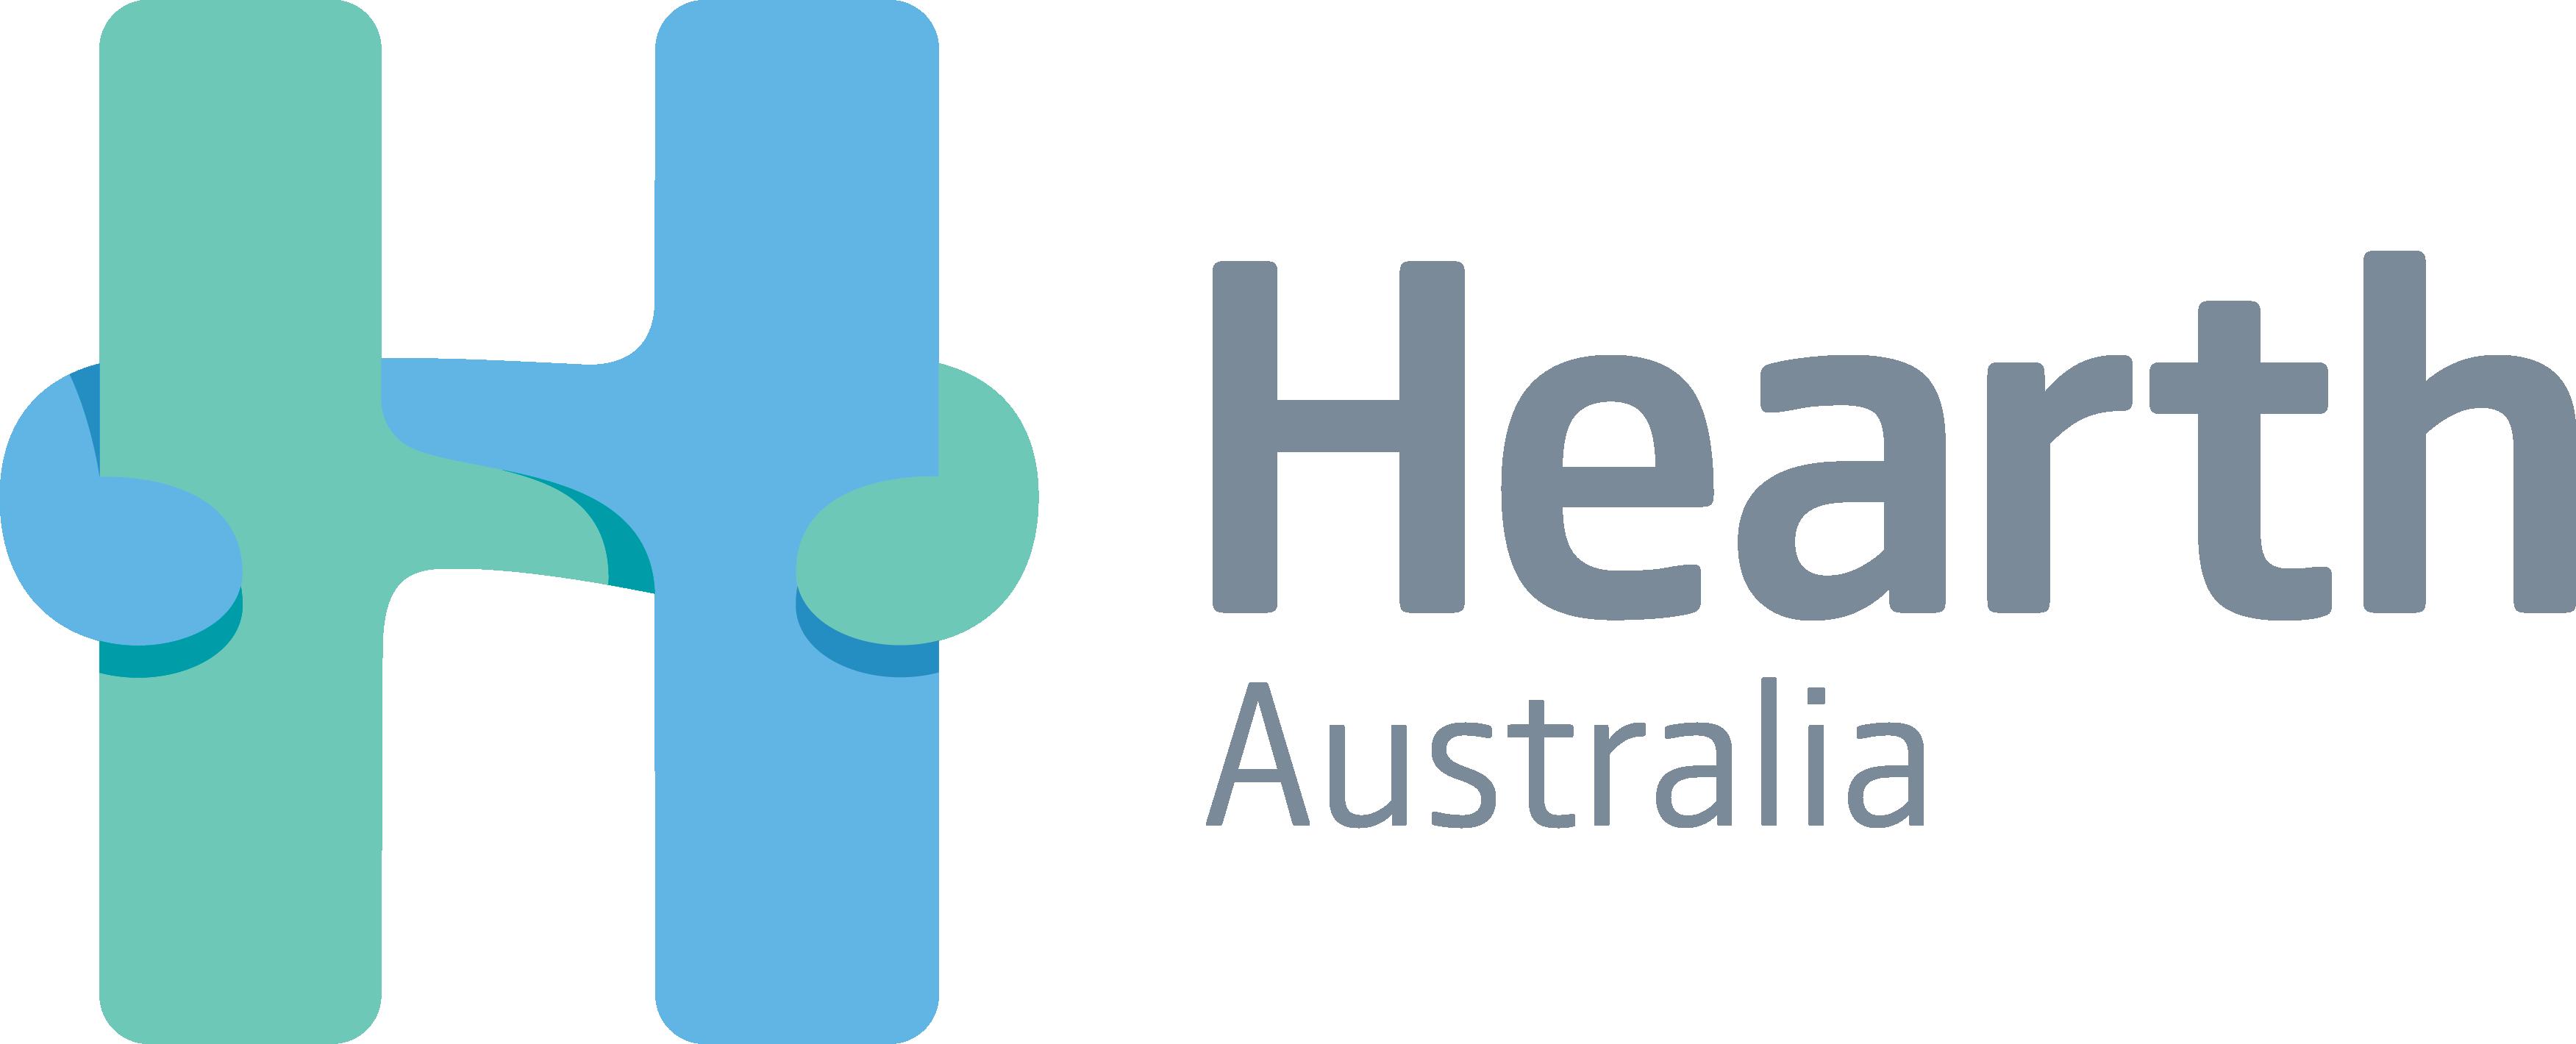 Hearth Australia